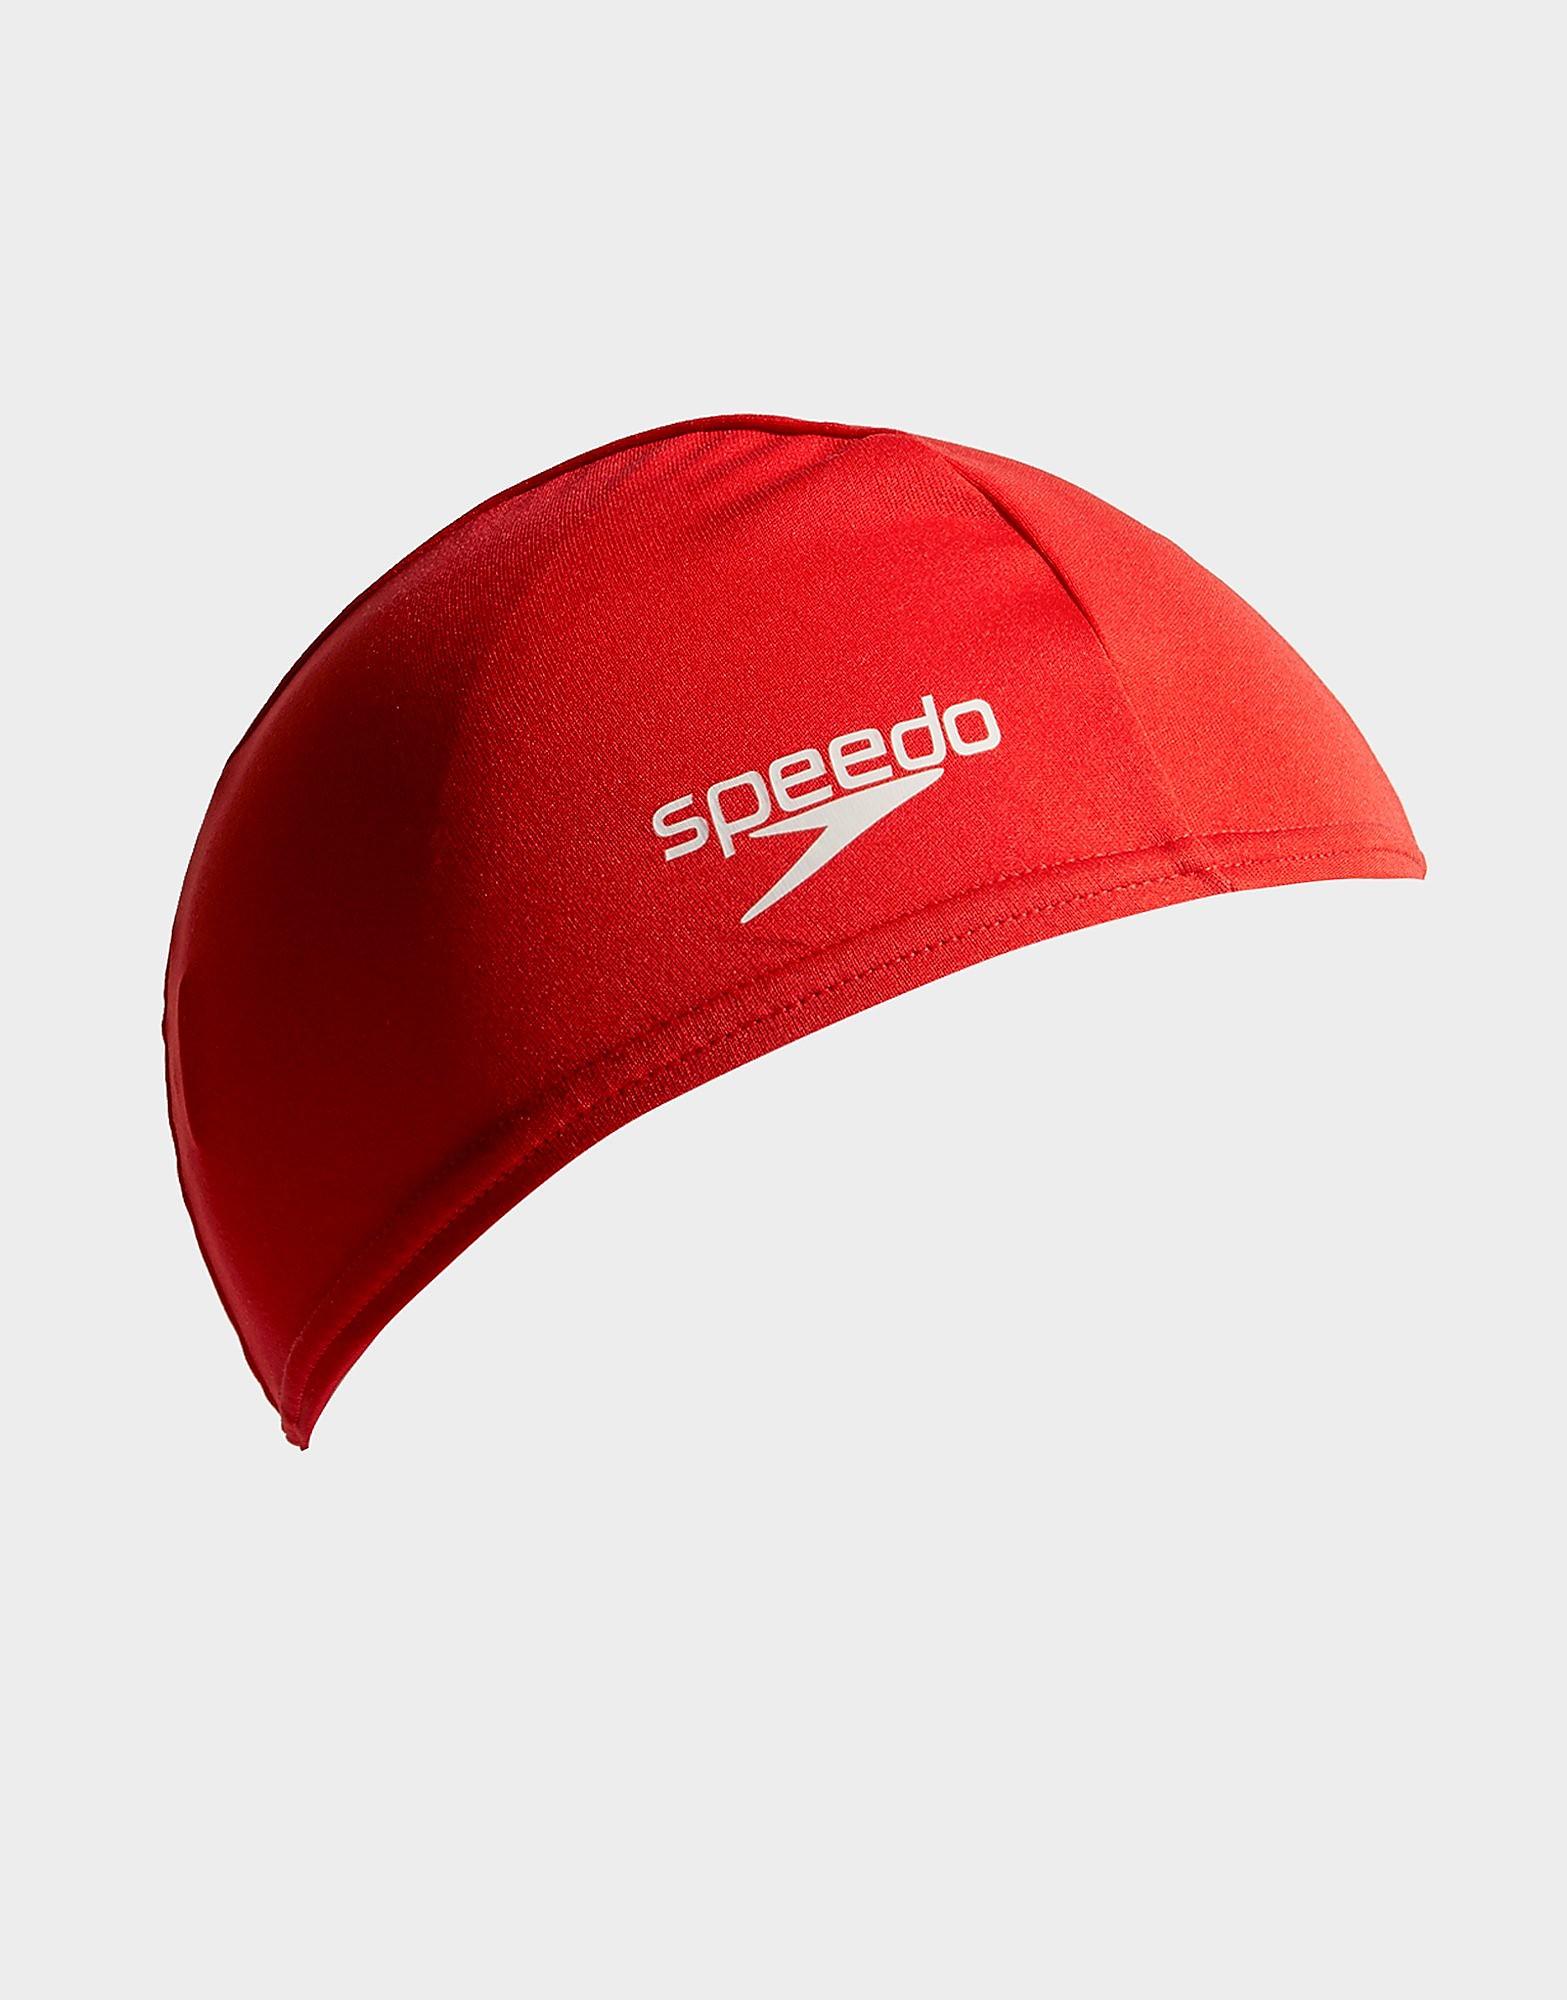 Speedo Plain Junior Swim Cap - Rood - Kind